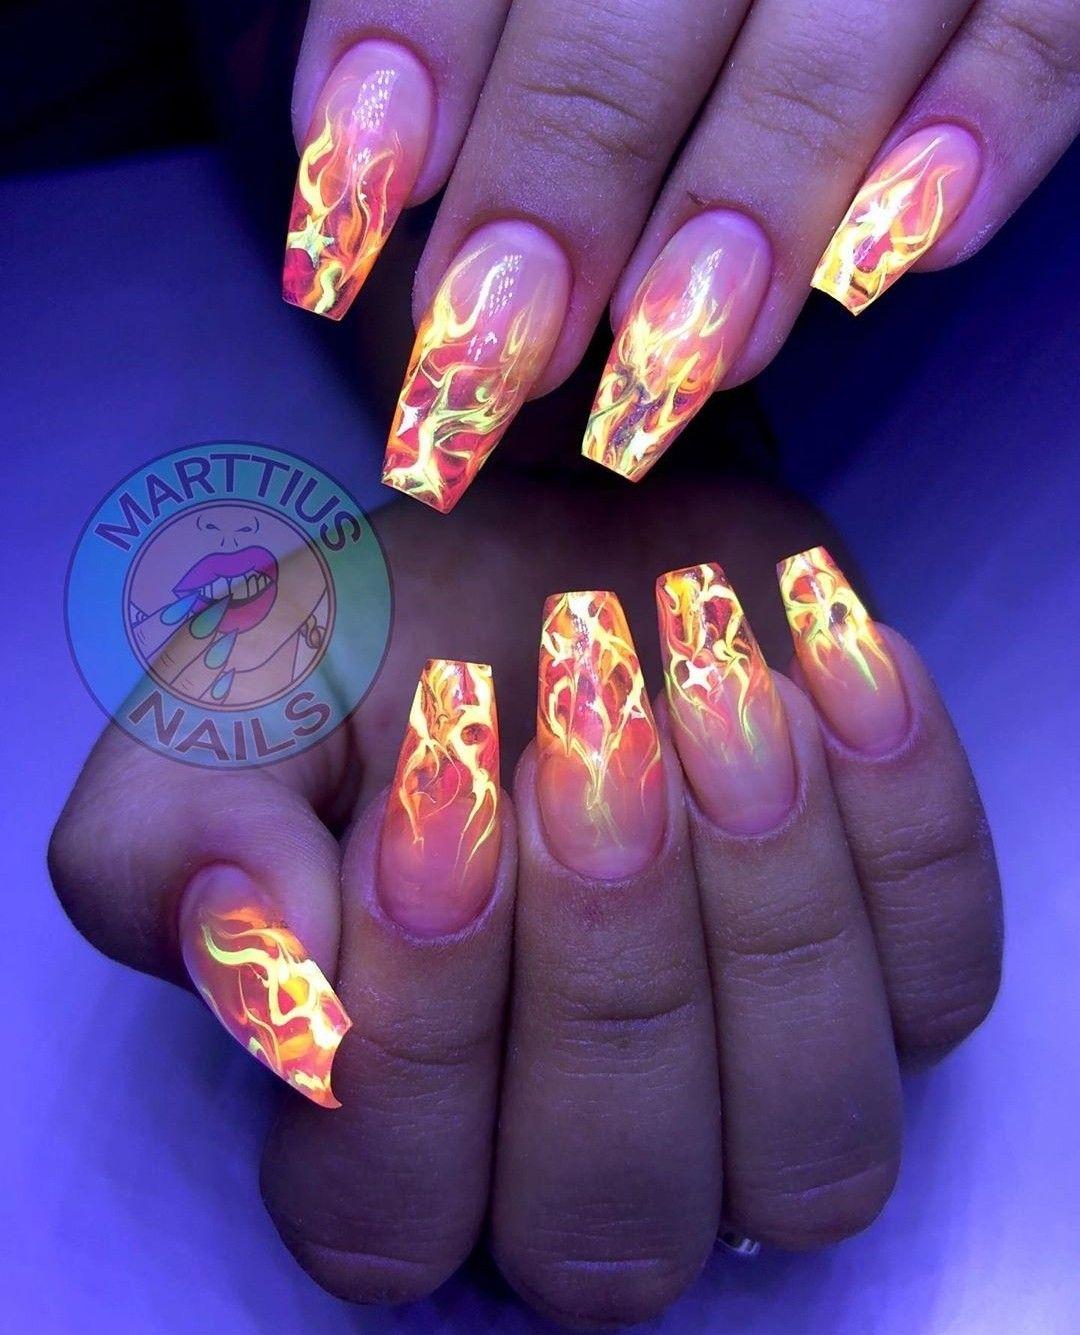 Pin By Aaliyah Pimentel On Nails In 2020 Glow Nails Blush Nails Long Acrylic Nails